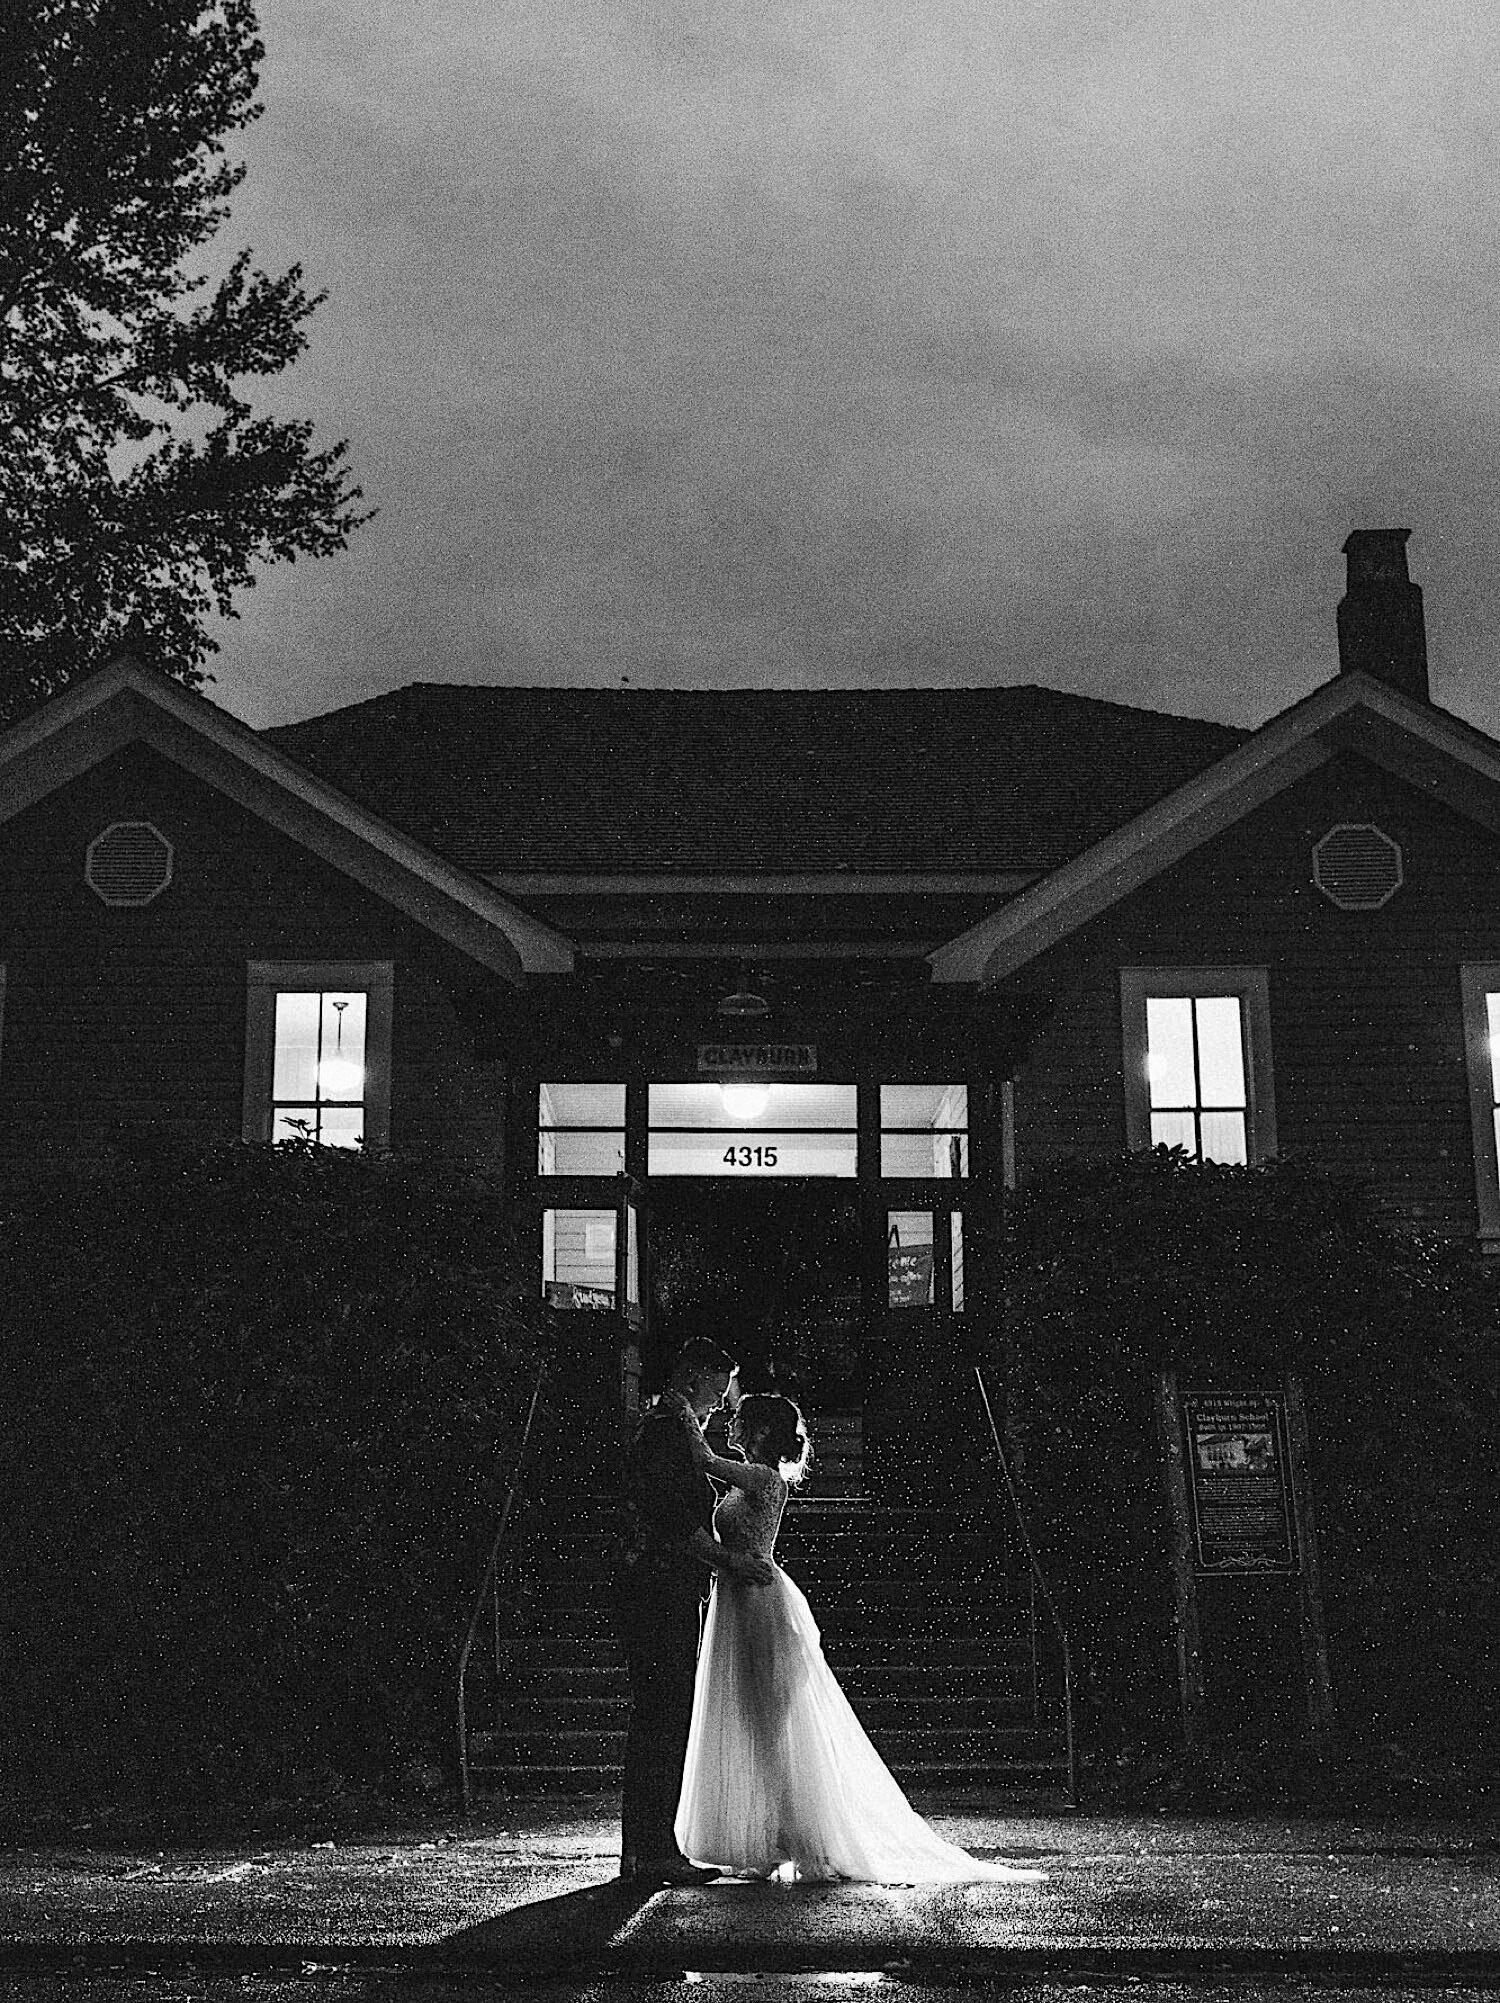 77_ALP - DomAaronBlog - 147_White_bride_and_in_dance_black_rain_the_Groomsmen_outside.jpg